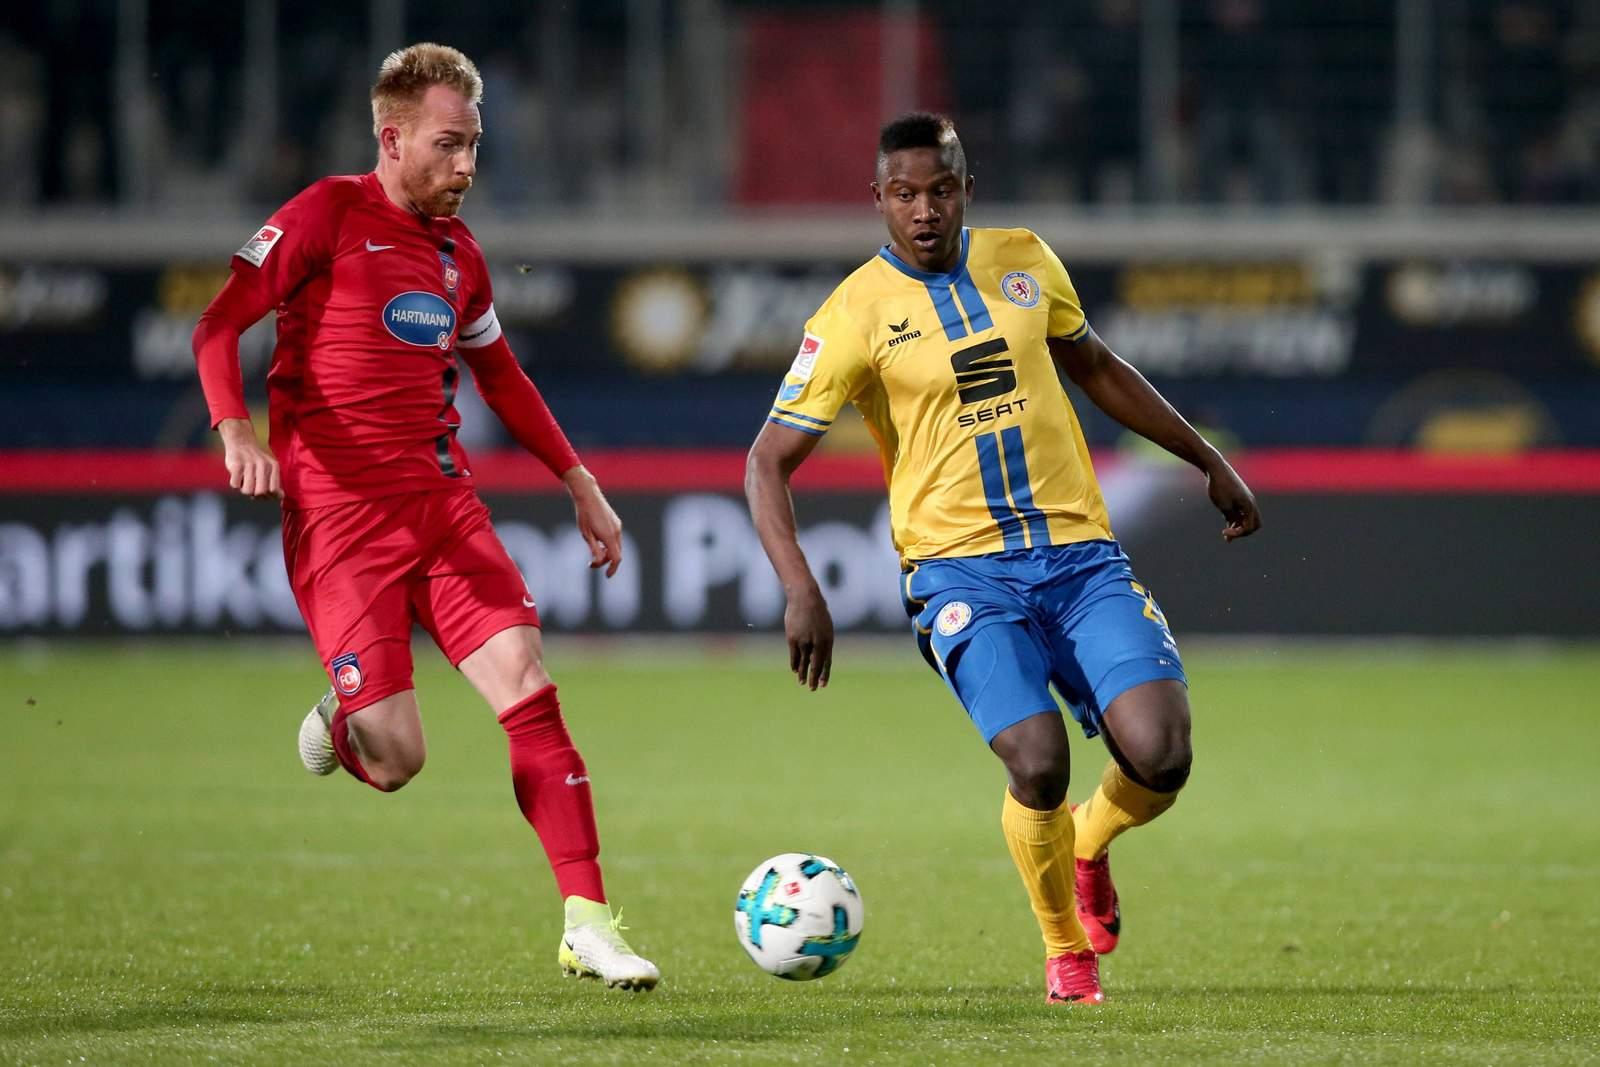 Marc Schnatterer gegen Suleiman Abdullahi. Jetzt auf Heidenheim vs Braunschweig wetten